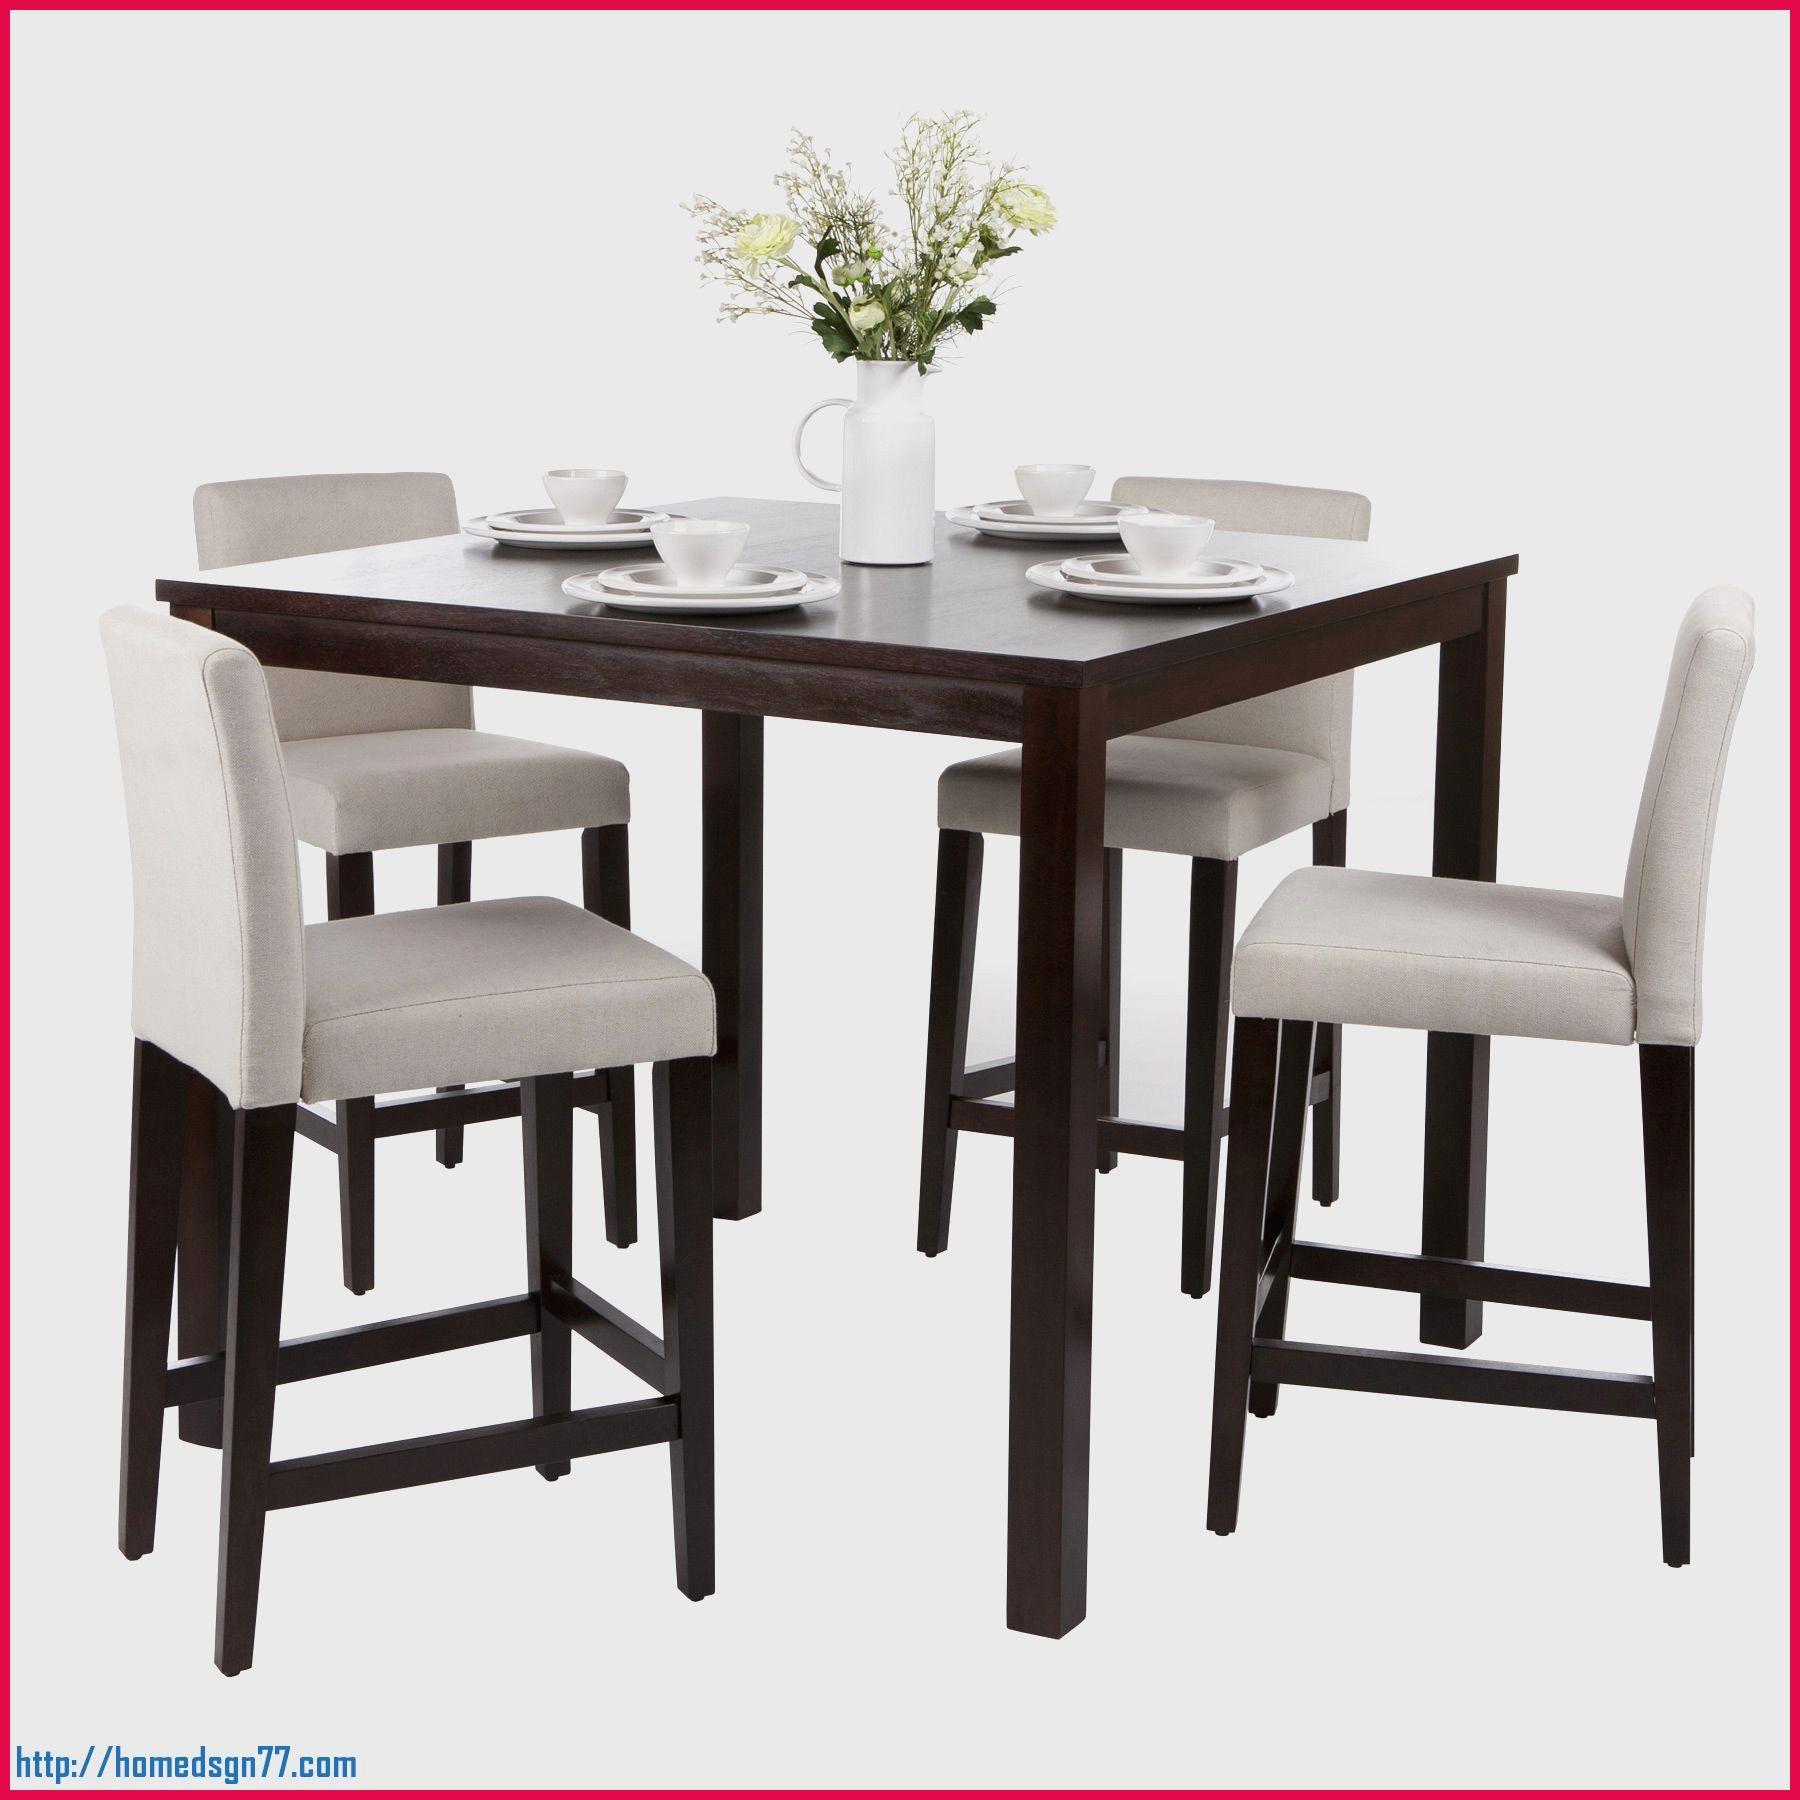 Set De 1 Table Bar Et 4 Tabourets | Tabourets 2eme Main